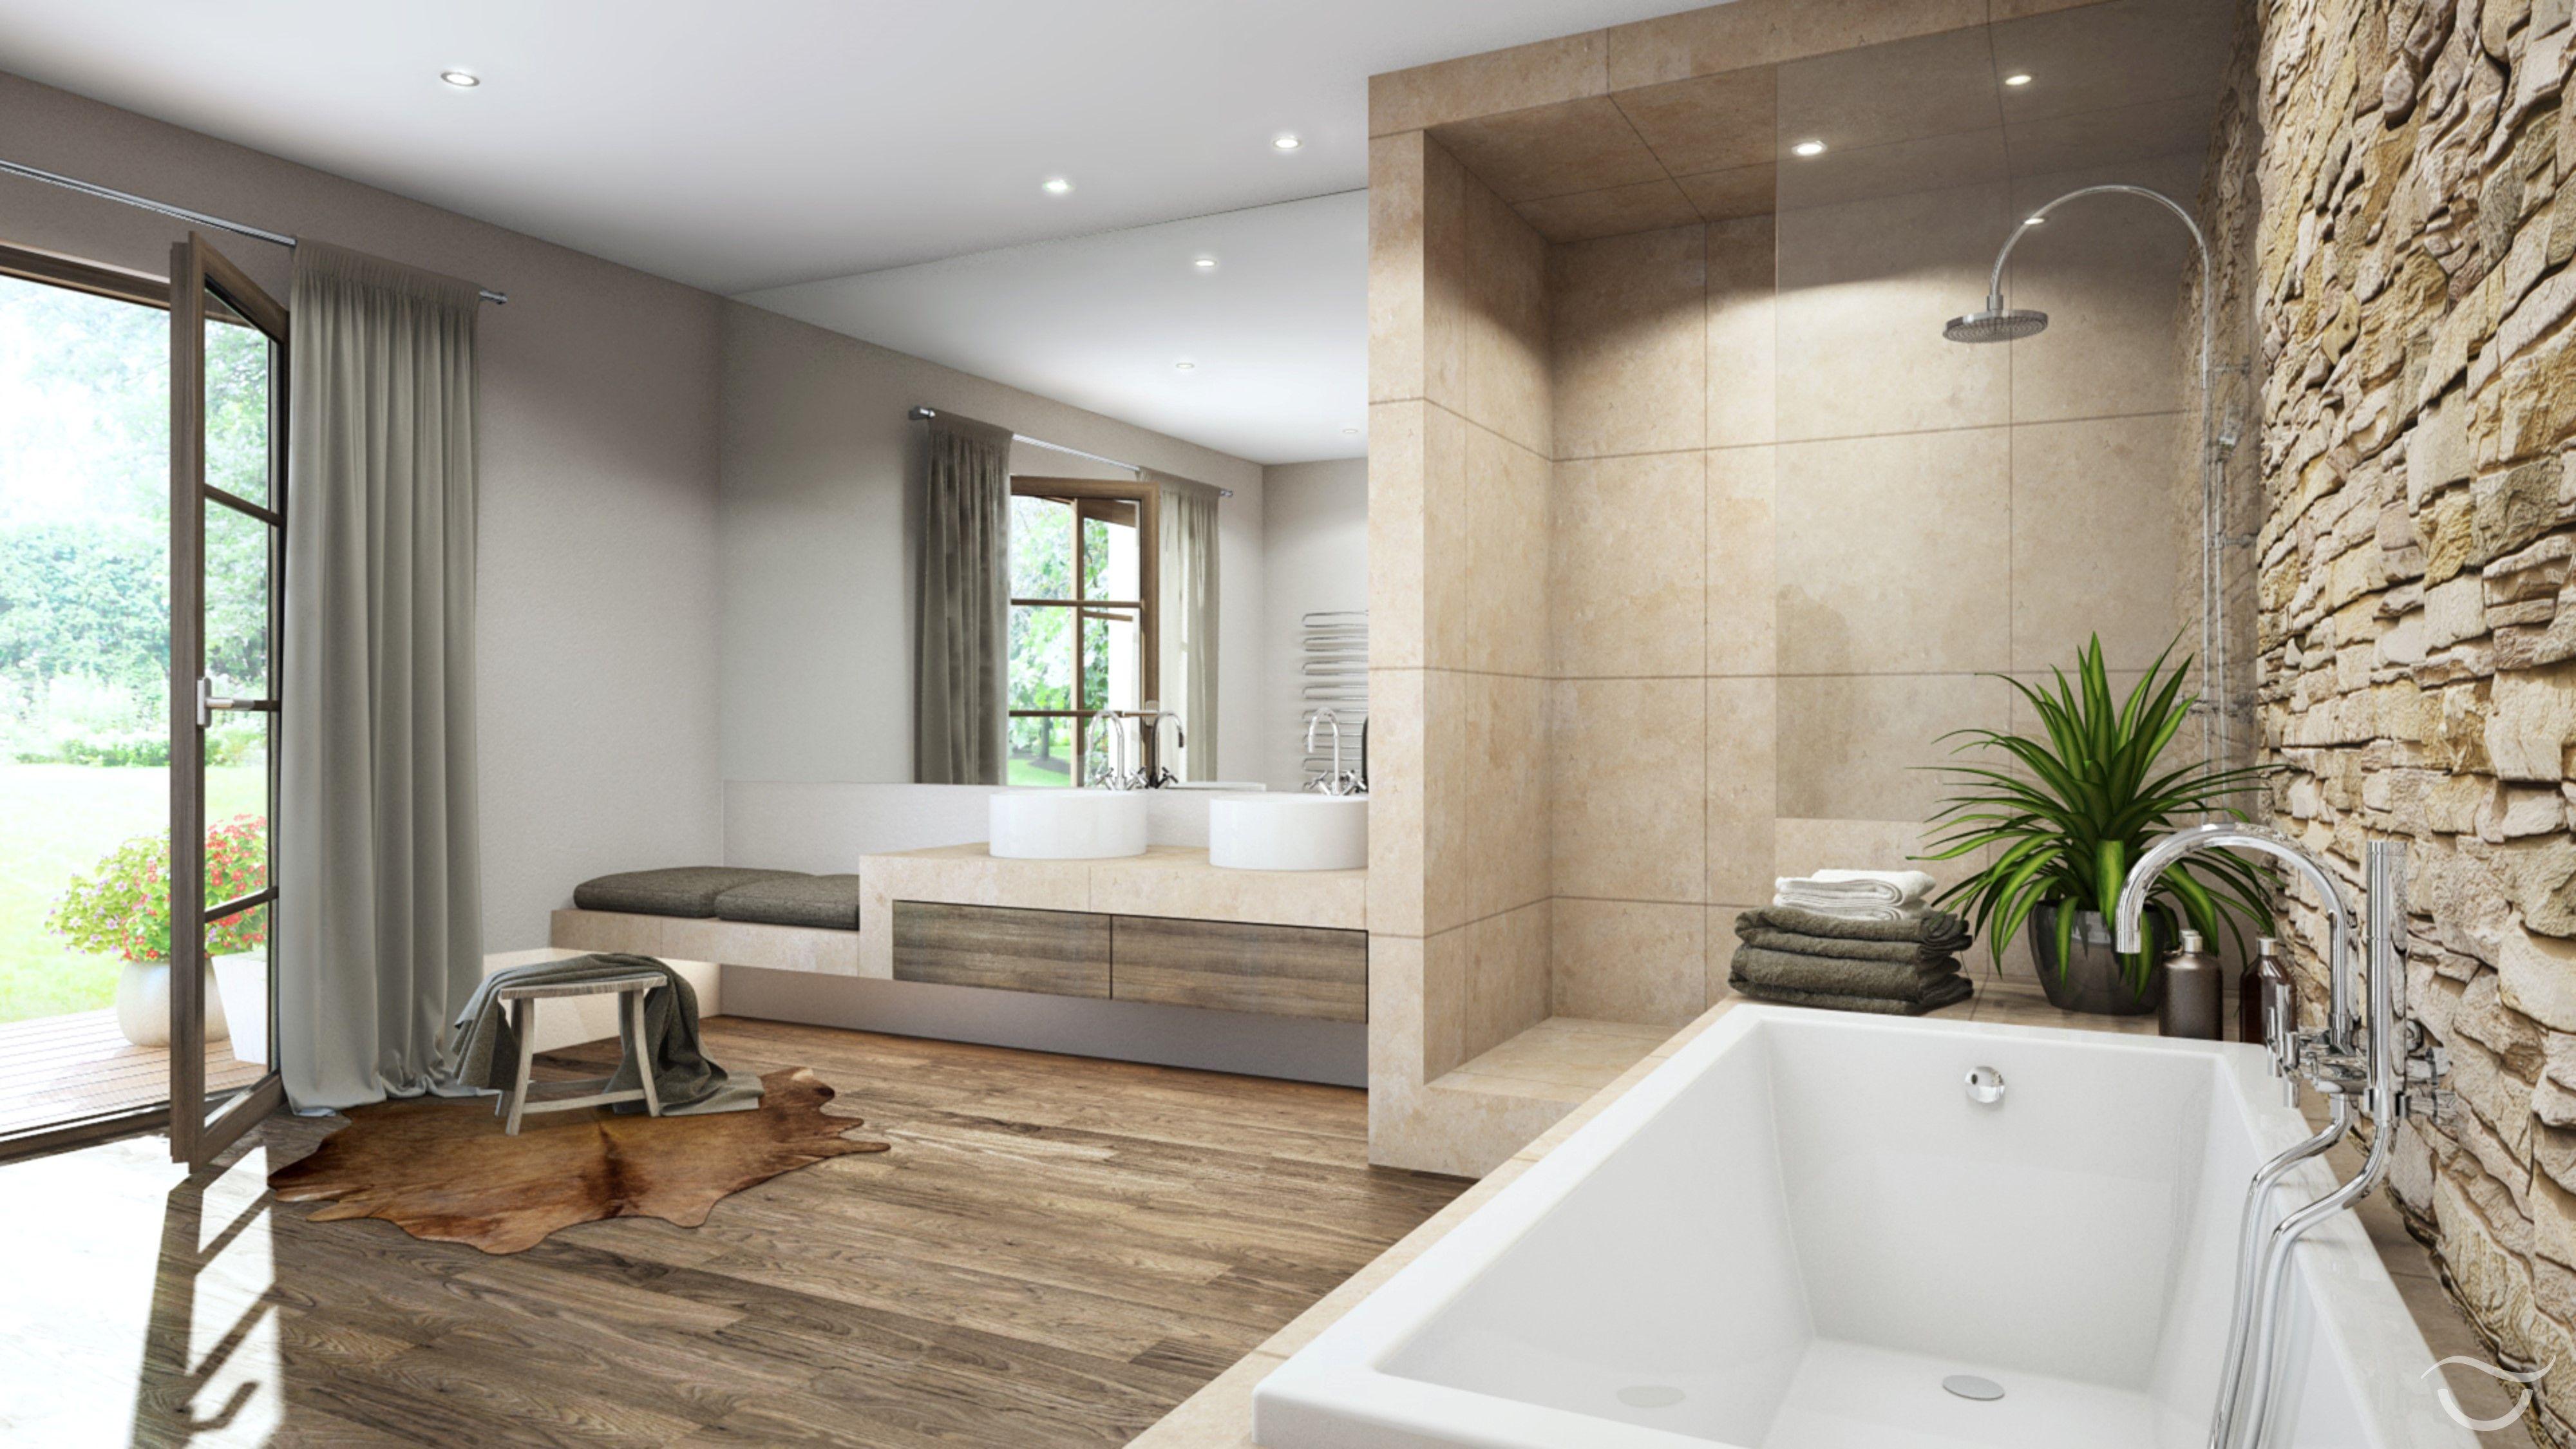 Badezimmer Natur ~ Unser design rustico bringt ein stück natur und gemütlichkeit in